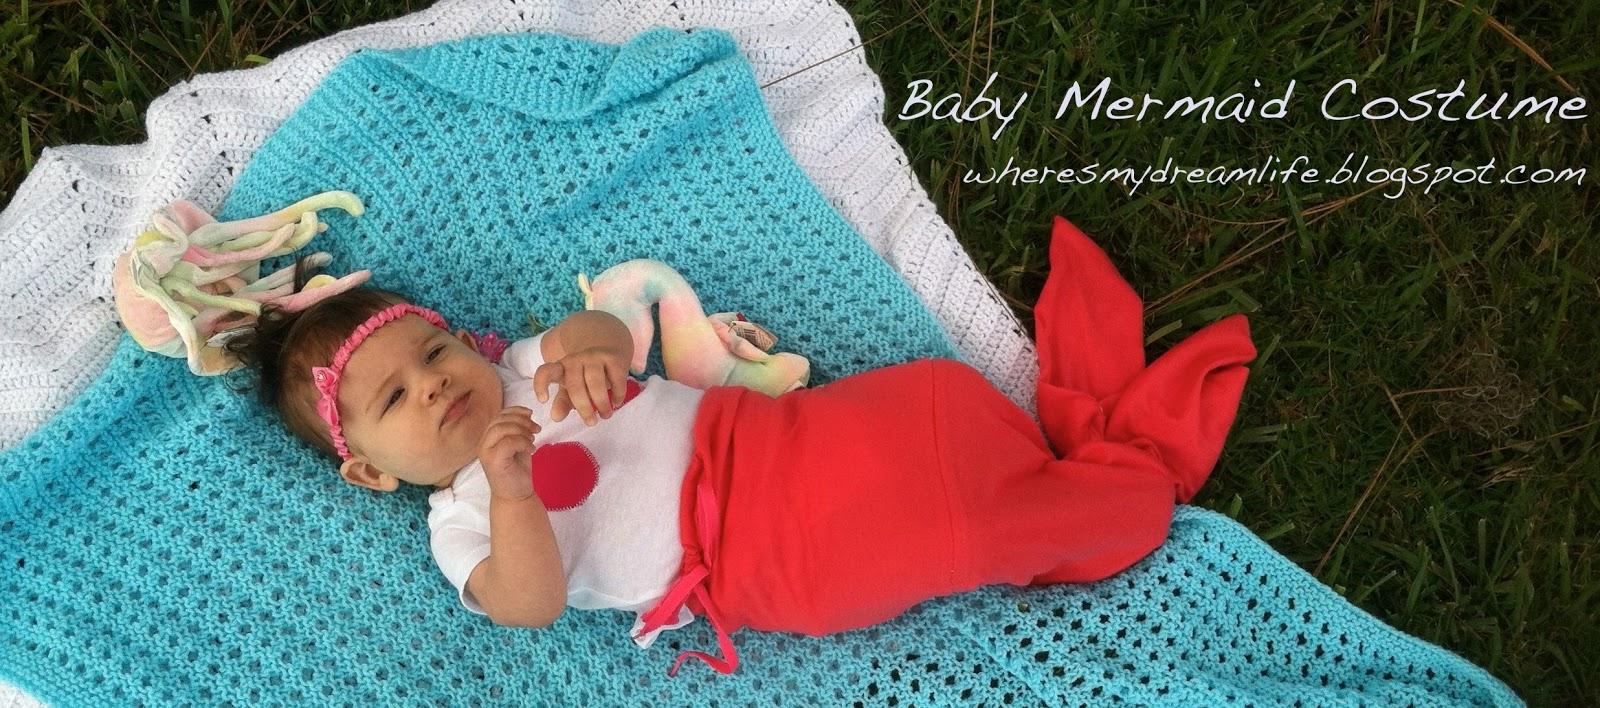 Where\'s My Dream Life?: Simple Baby Mermaid Costume